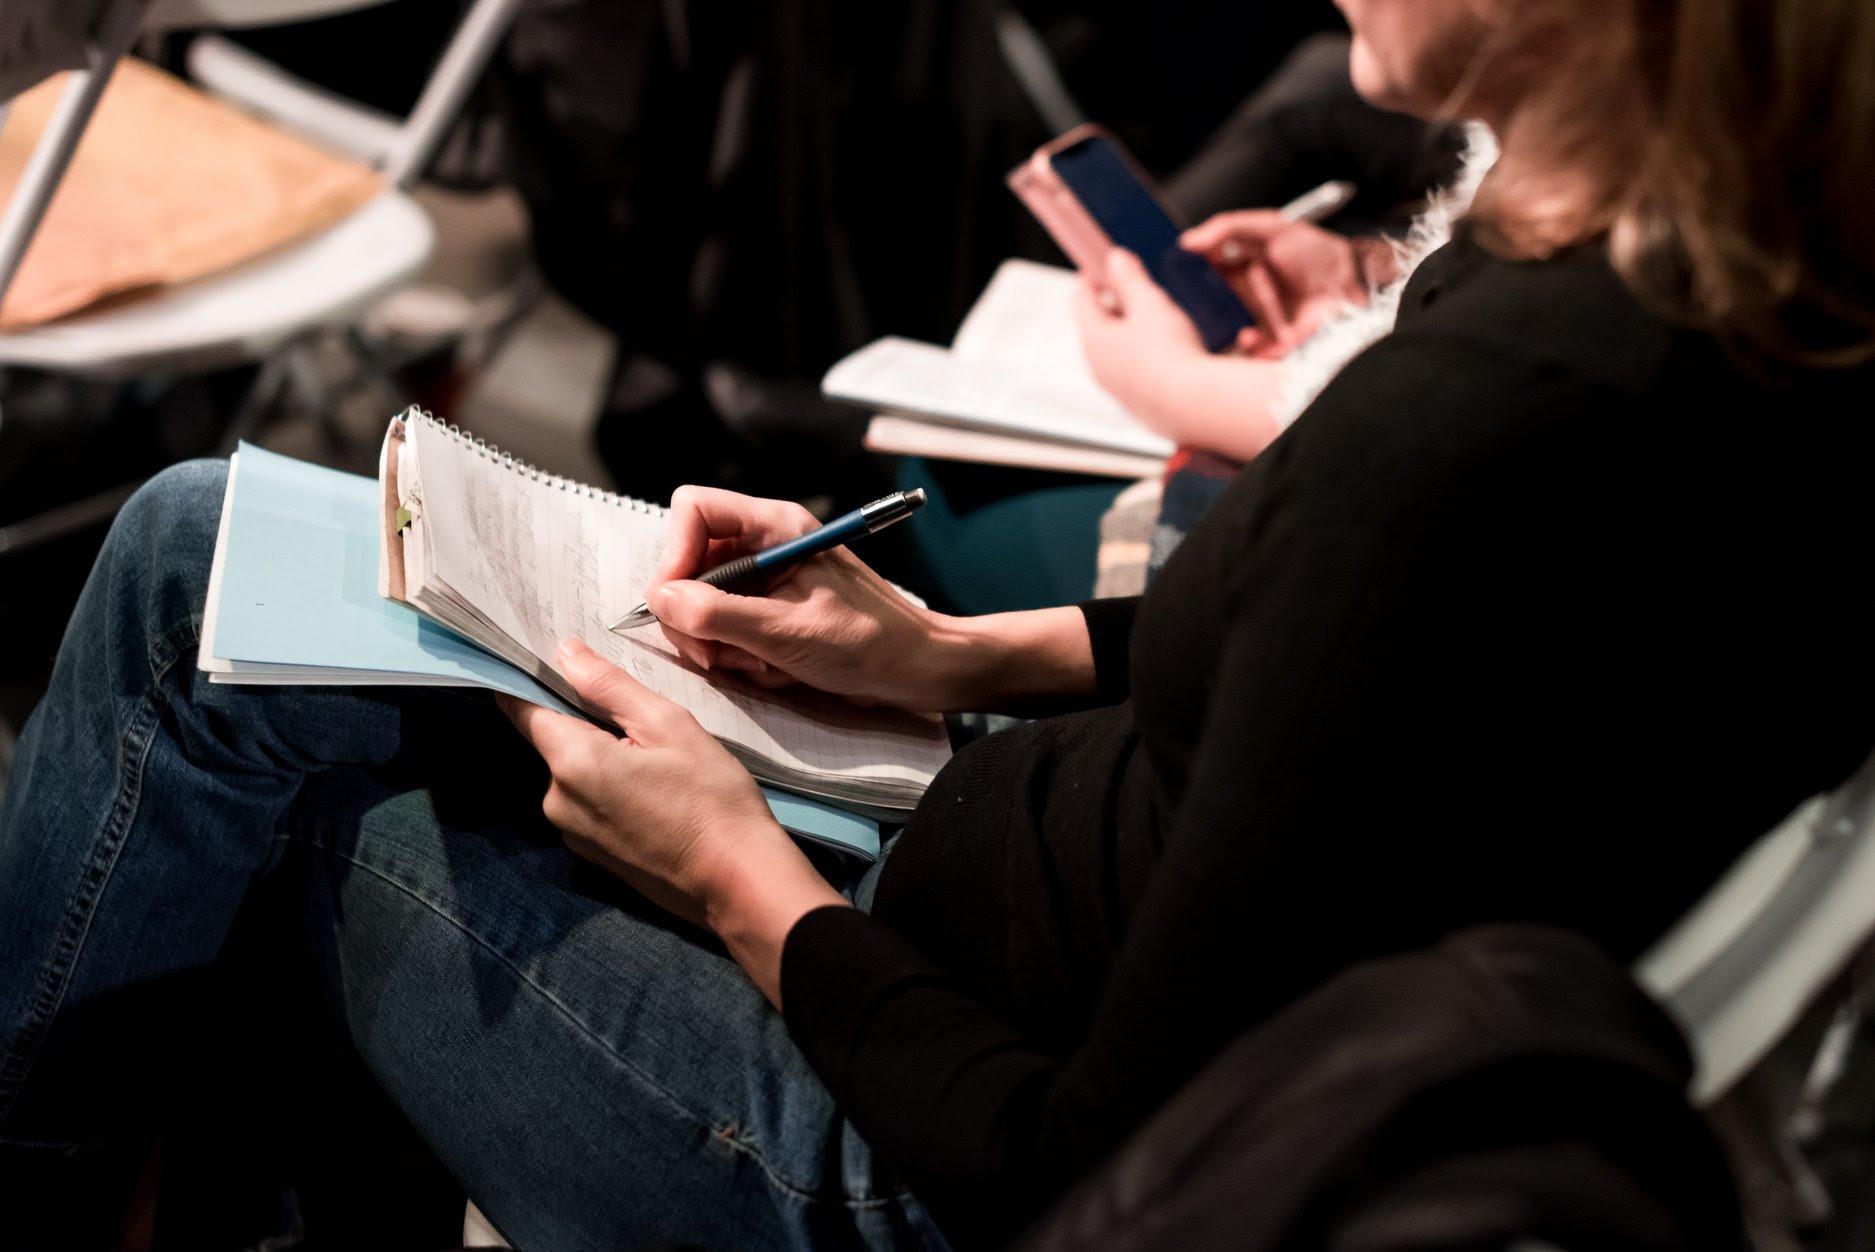 Le Forum RIDM lance l'appel à projets pour DOCUNEXION CANADA-MEXICO 2020